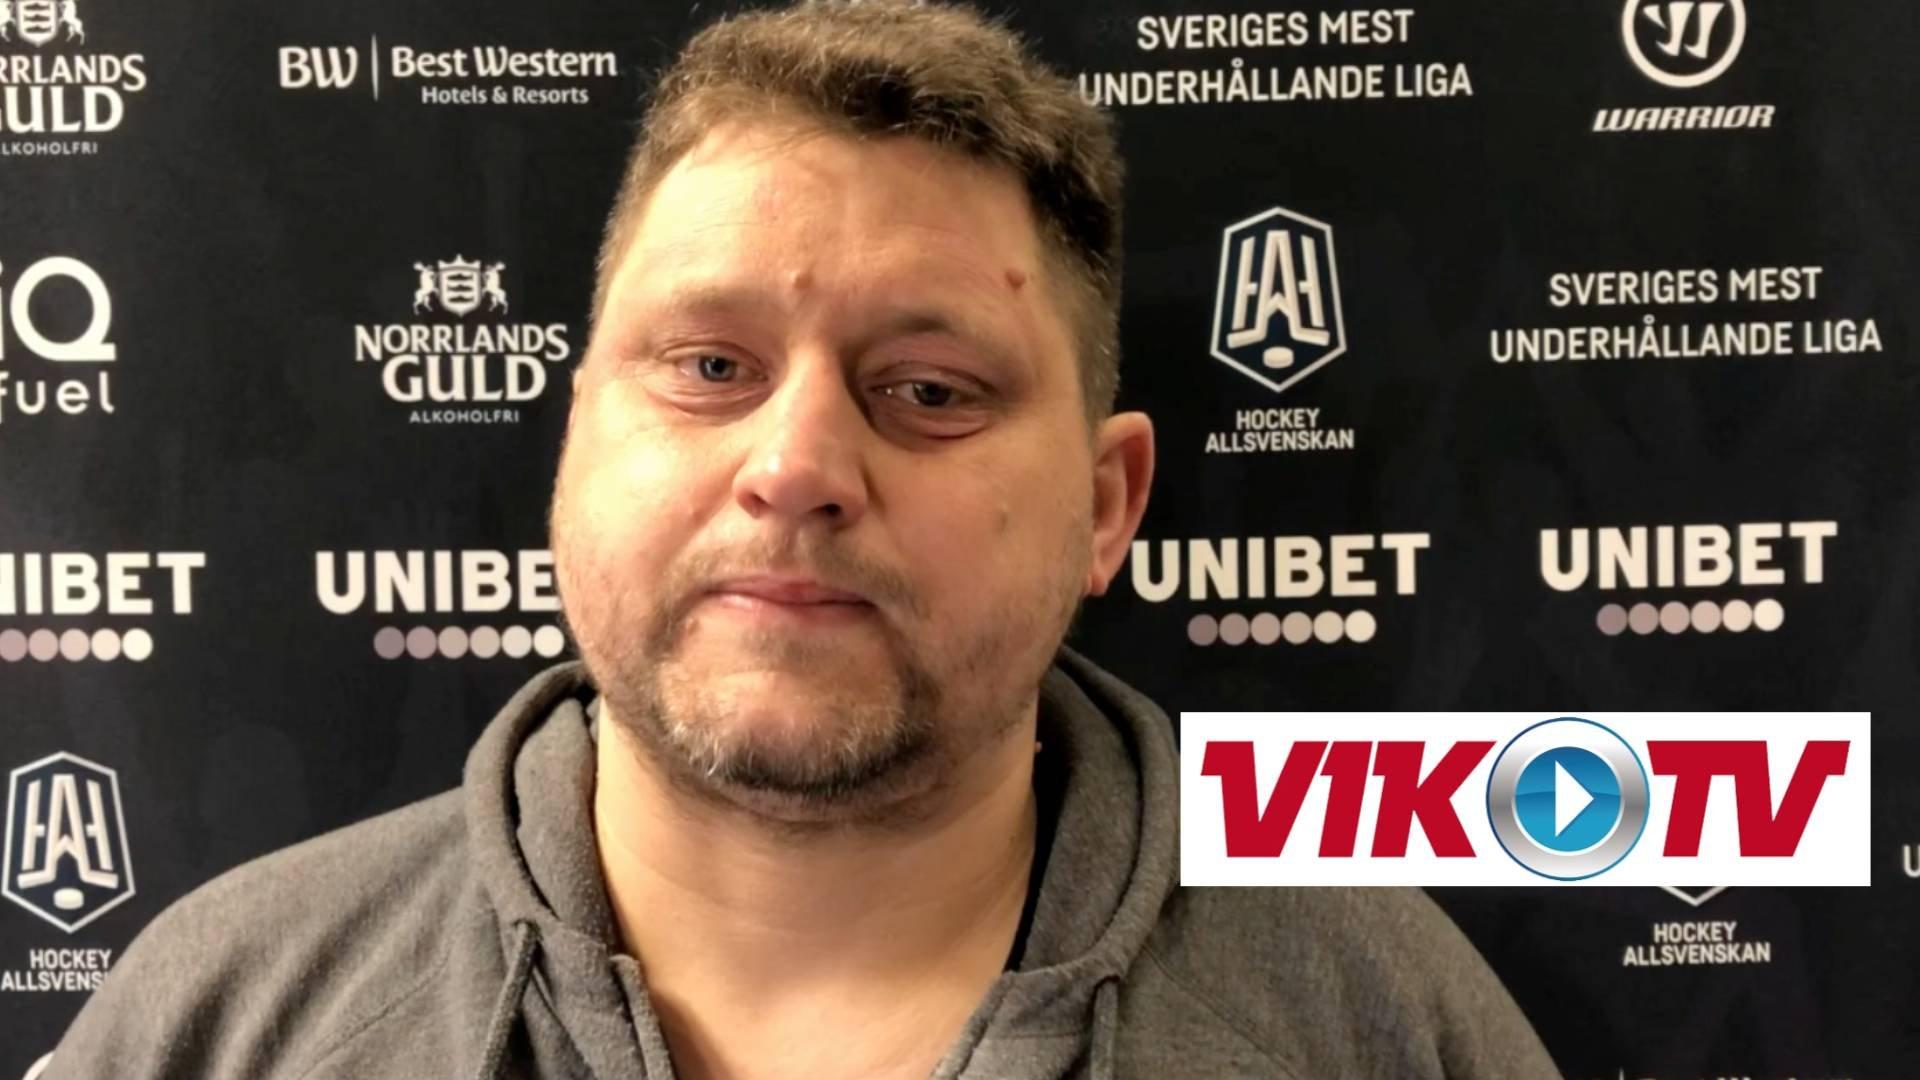 Intervju med Karlin inför kvartsfinal 3